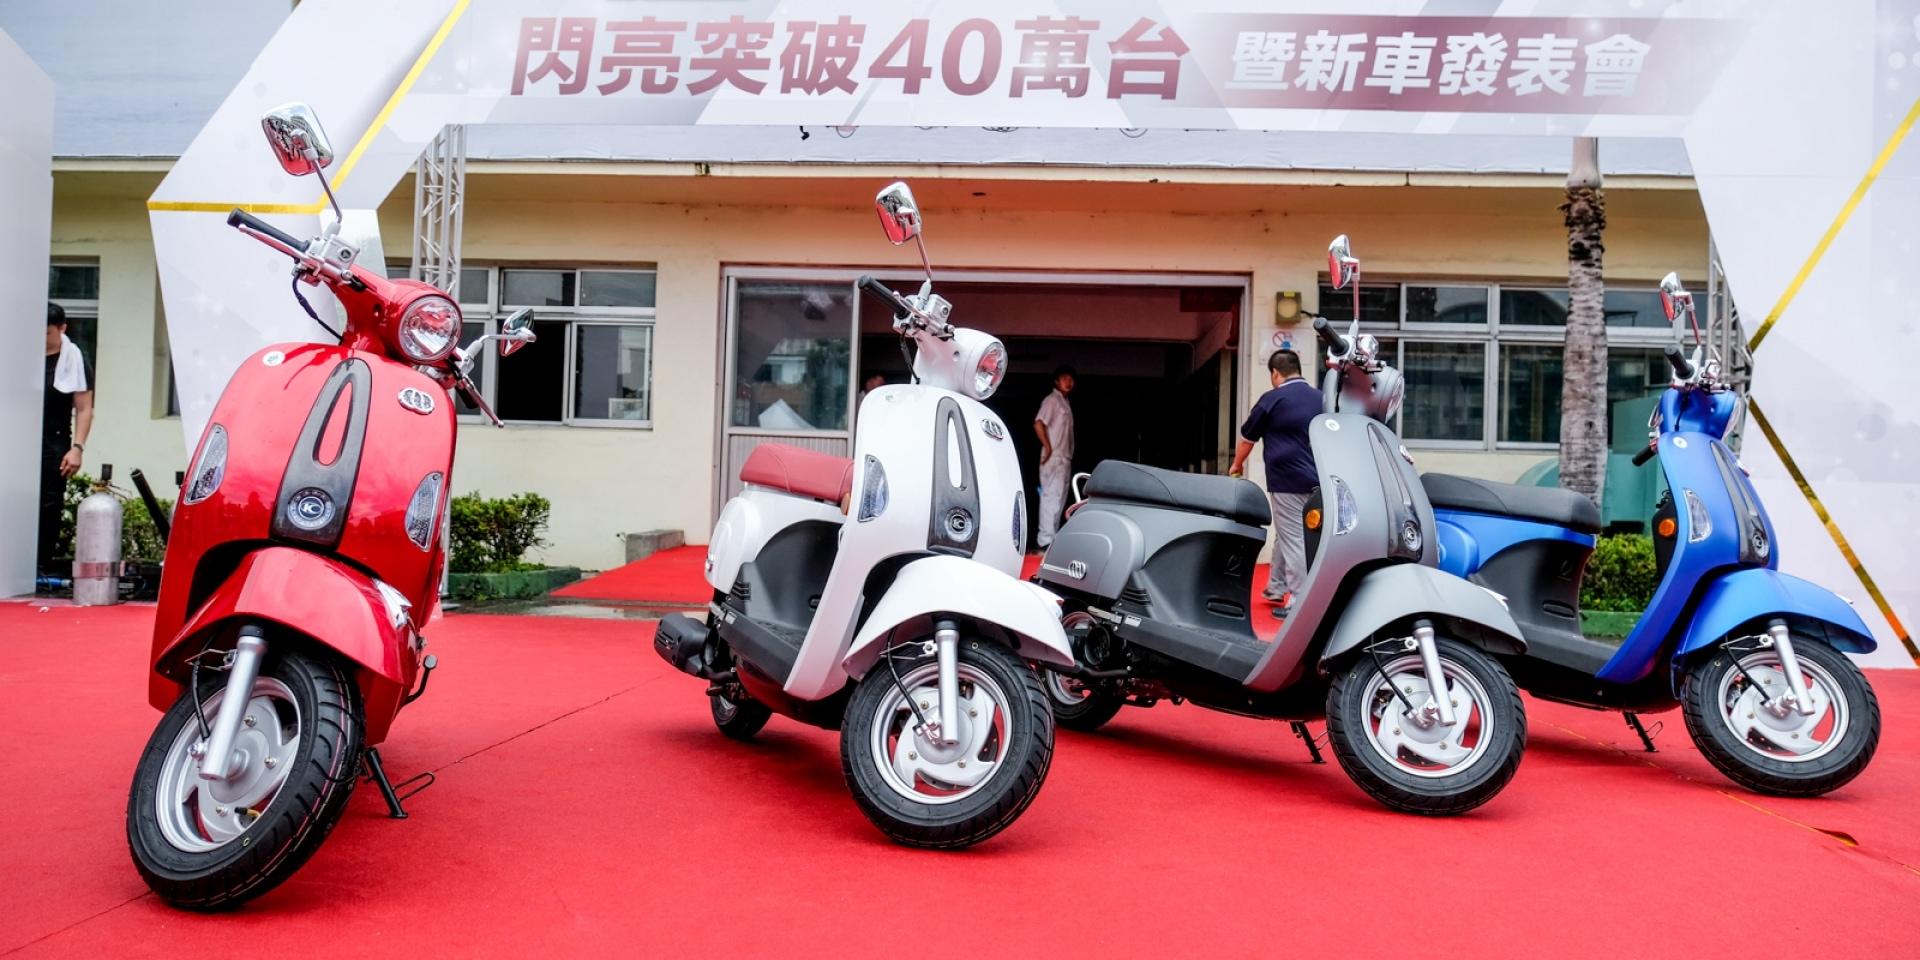 水鑽人人愛,銷售最佳特仕車款,KYMCO MANY車系銷售達到40萬輛,新款水鑽特仕版發表